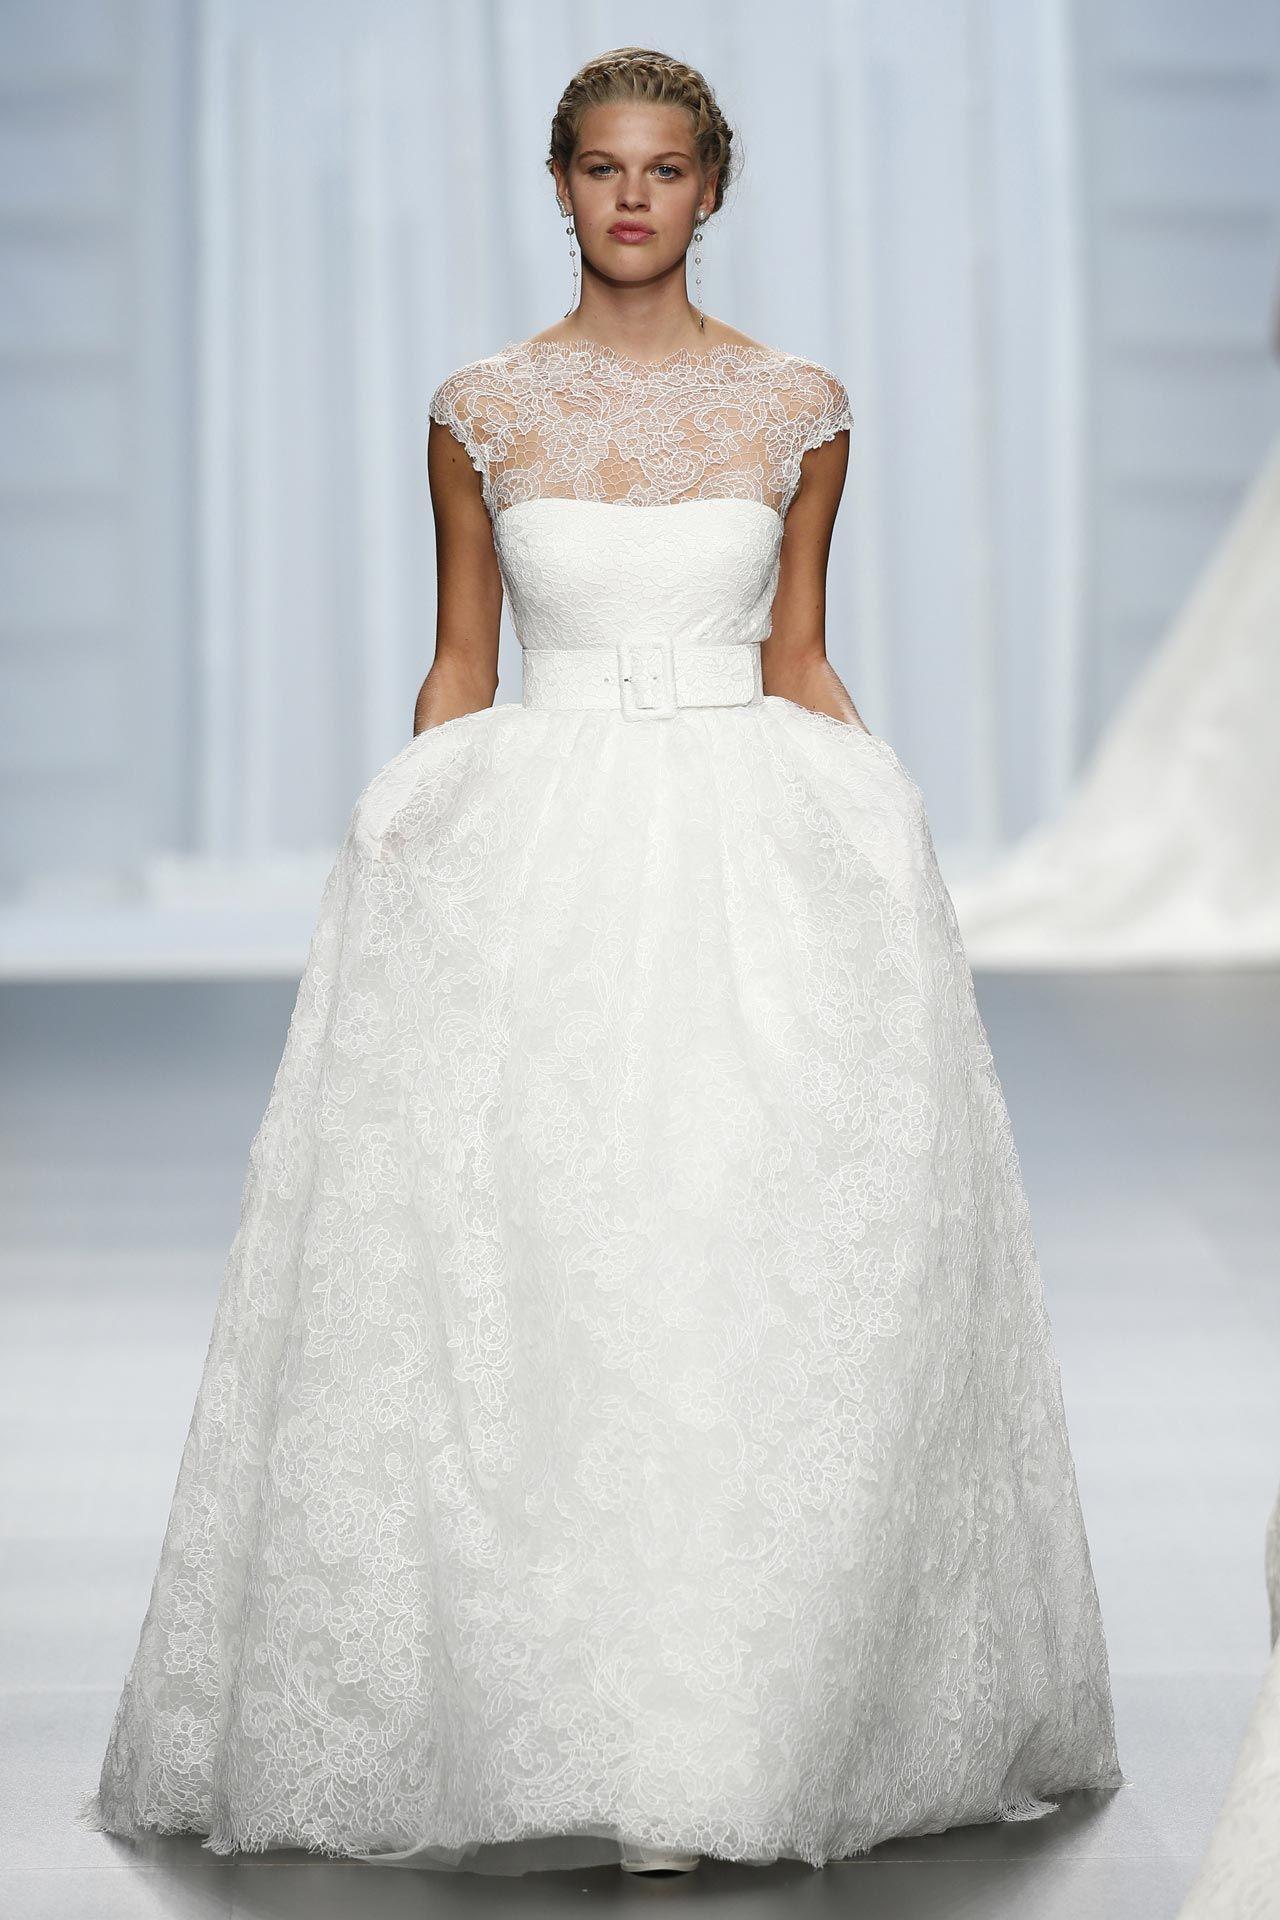 Пышное свадебное платье. Силуэт «бальное платье»Пышное свадебное платье. Силуэт «бальное платье»